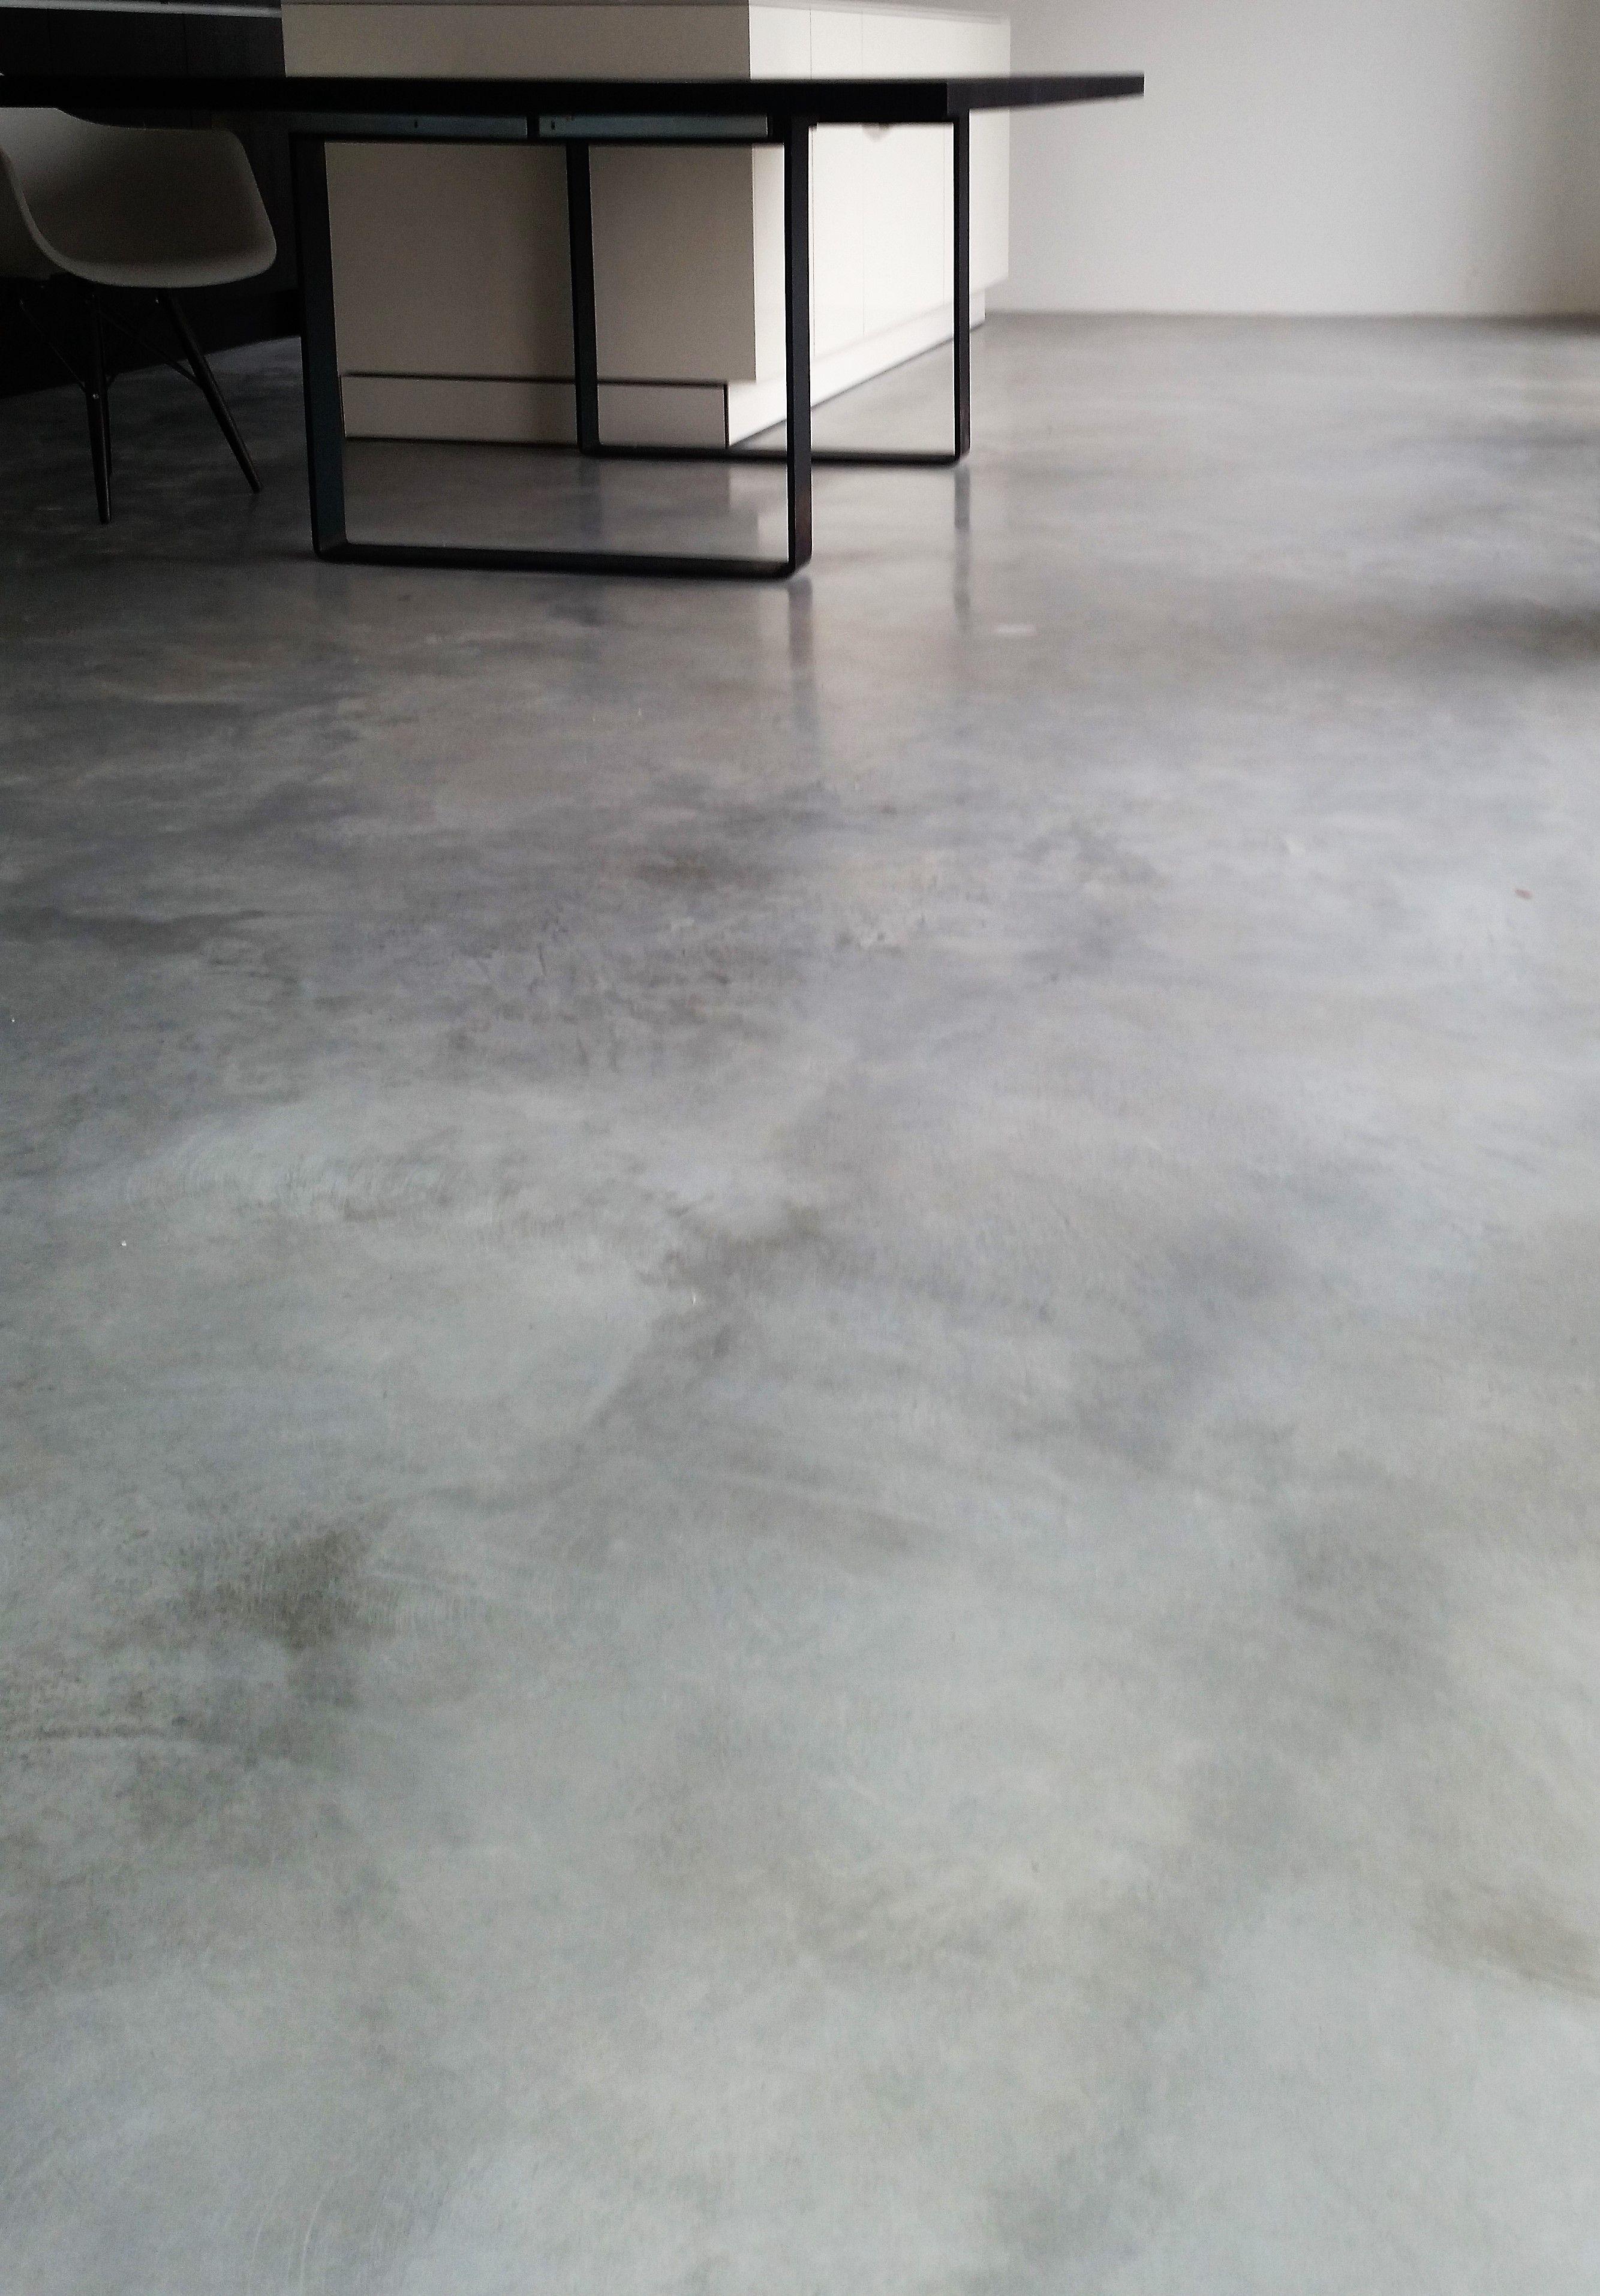 fußboden beton